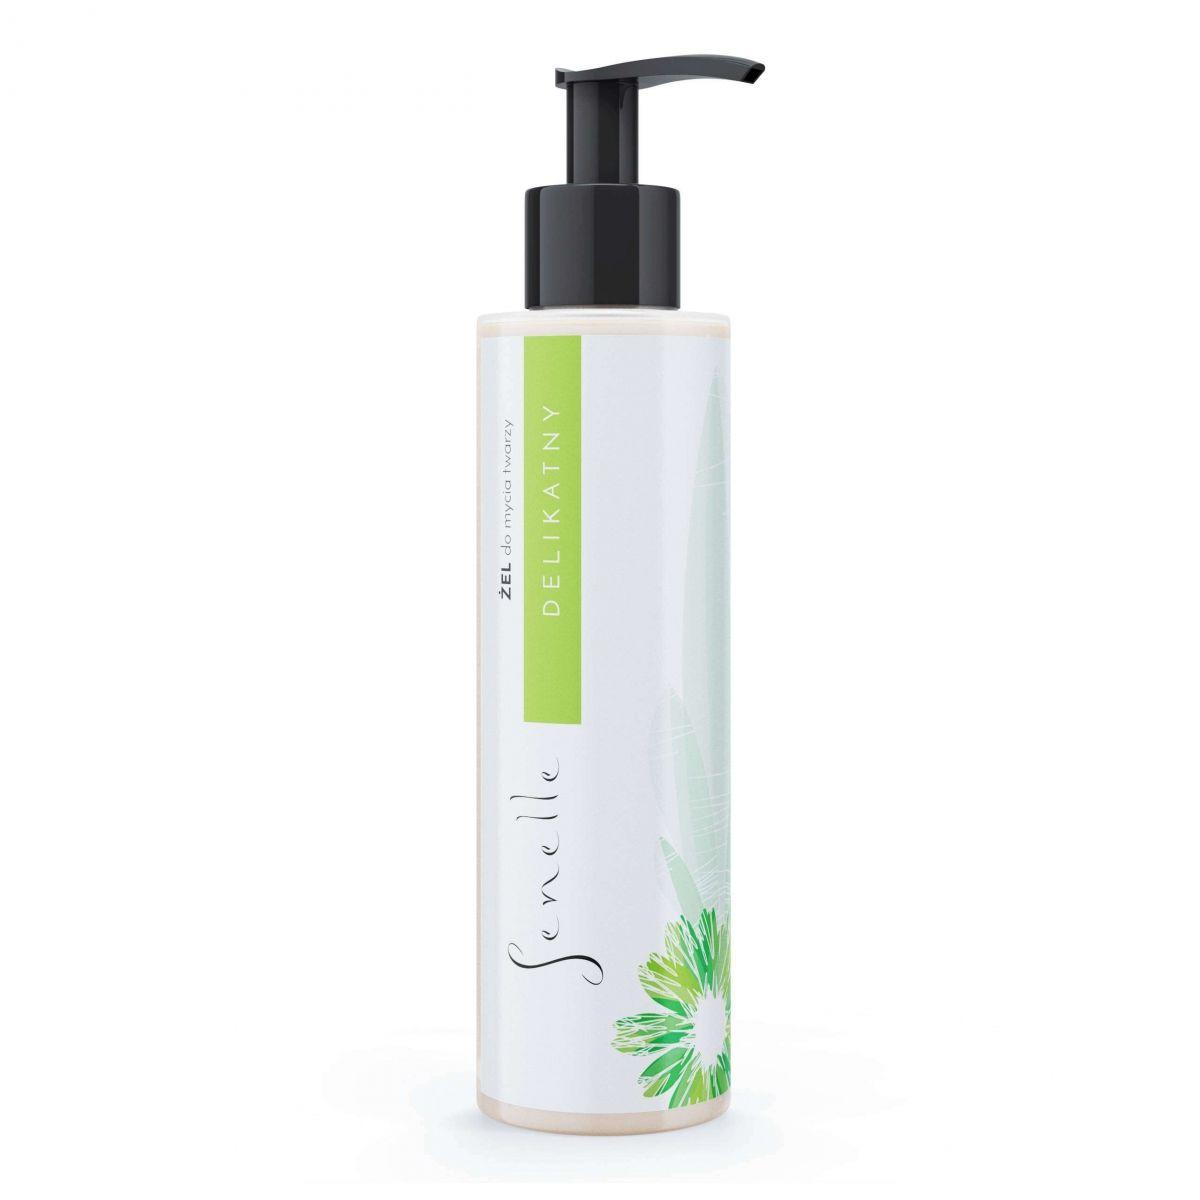 Delikatny żel do mycia twarzy - 150ml - Senelle Cosmetics